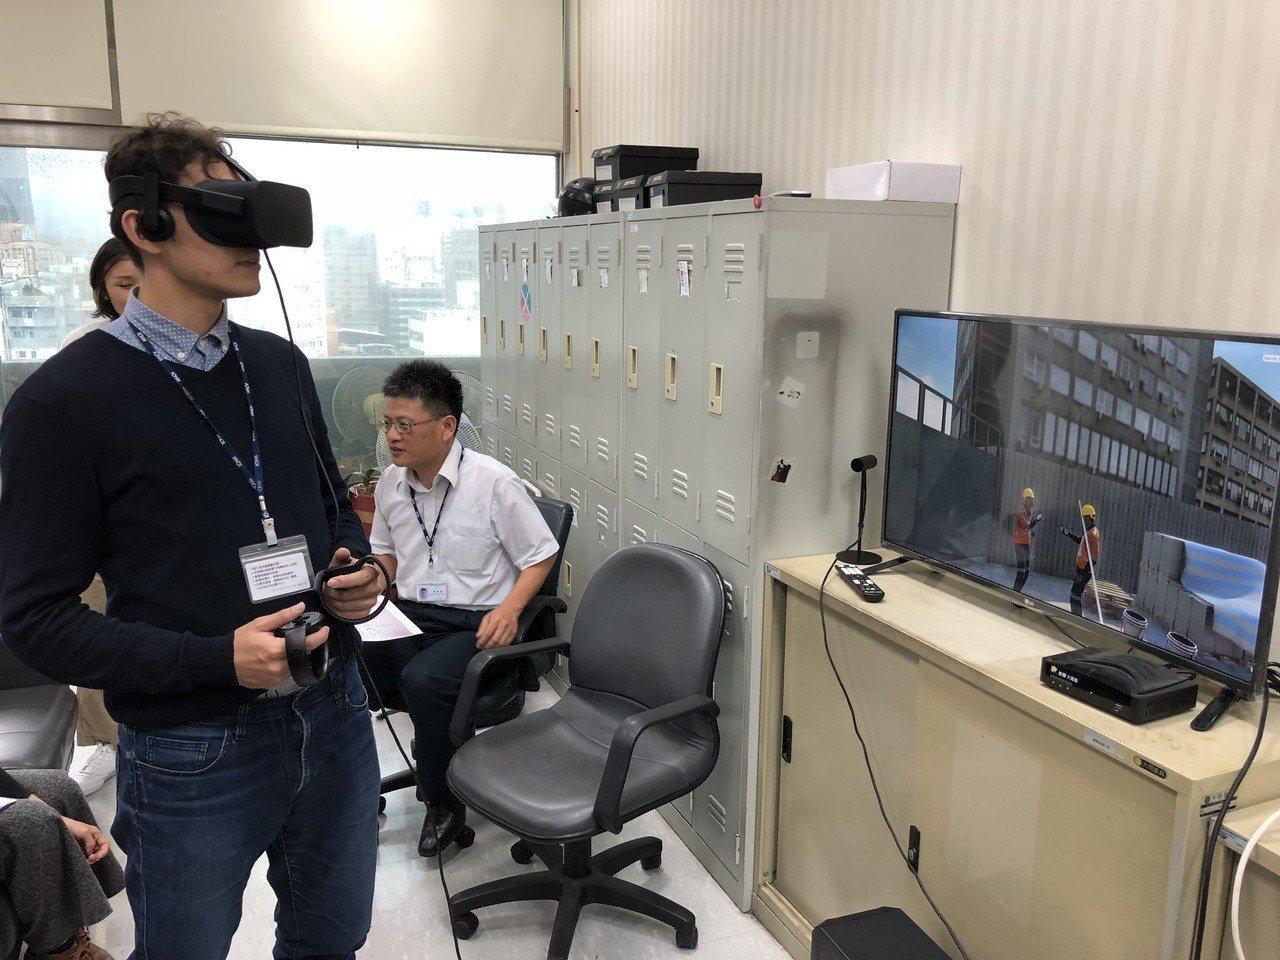 勞動部勞動及職業安全衛生研究所開發設計國內第1支「營造工地虛擬實境輔助教育訓練工...